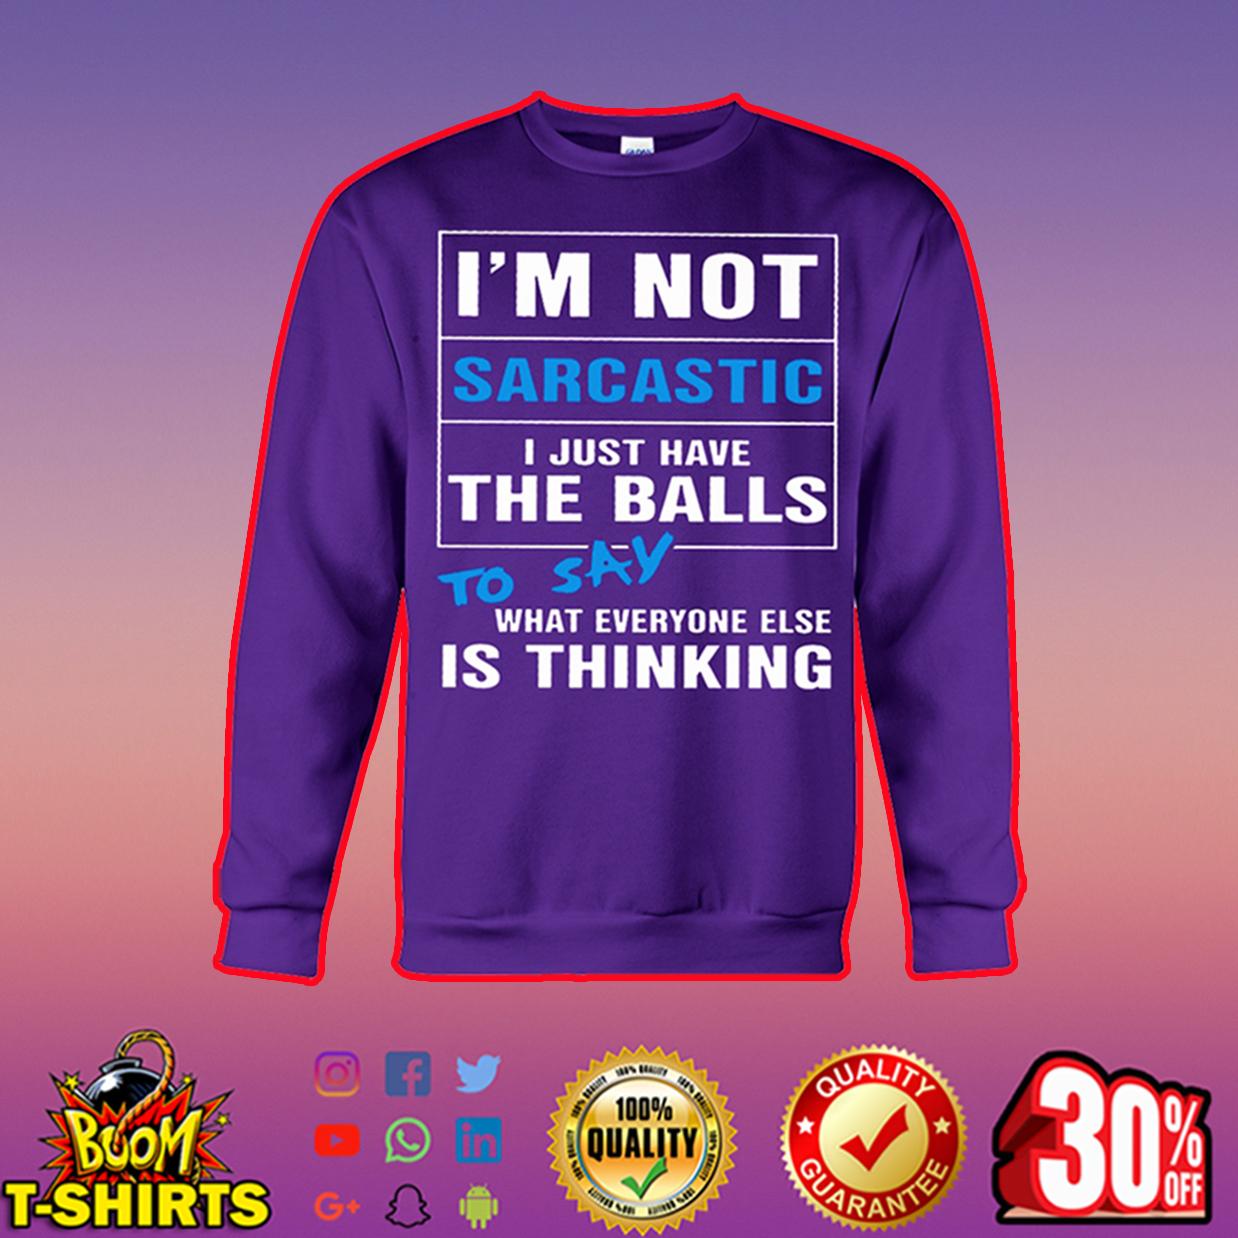 I'm not sarcastic I just have the balls sweatshirt